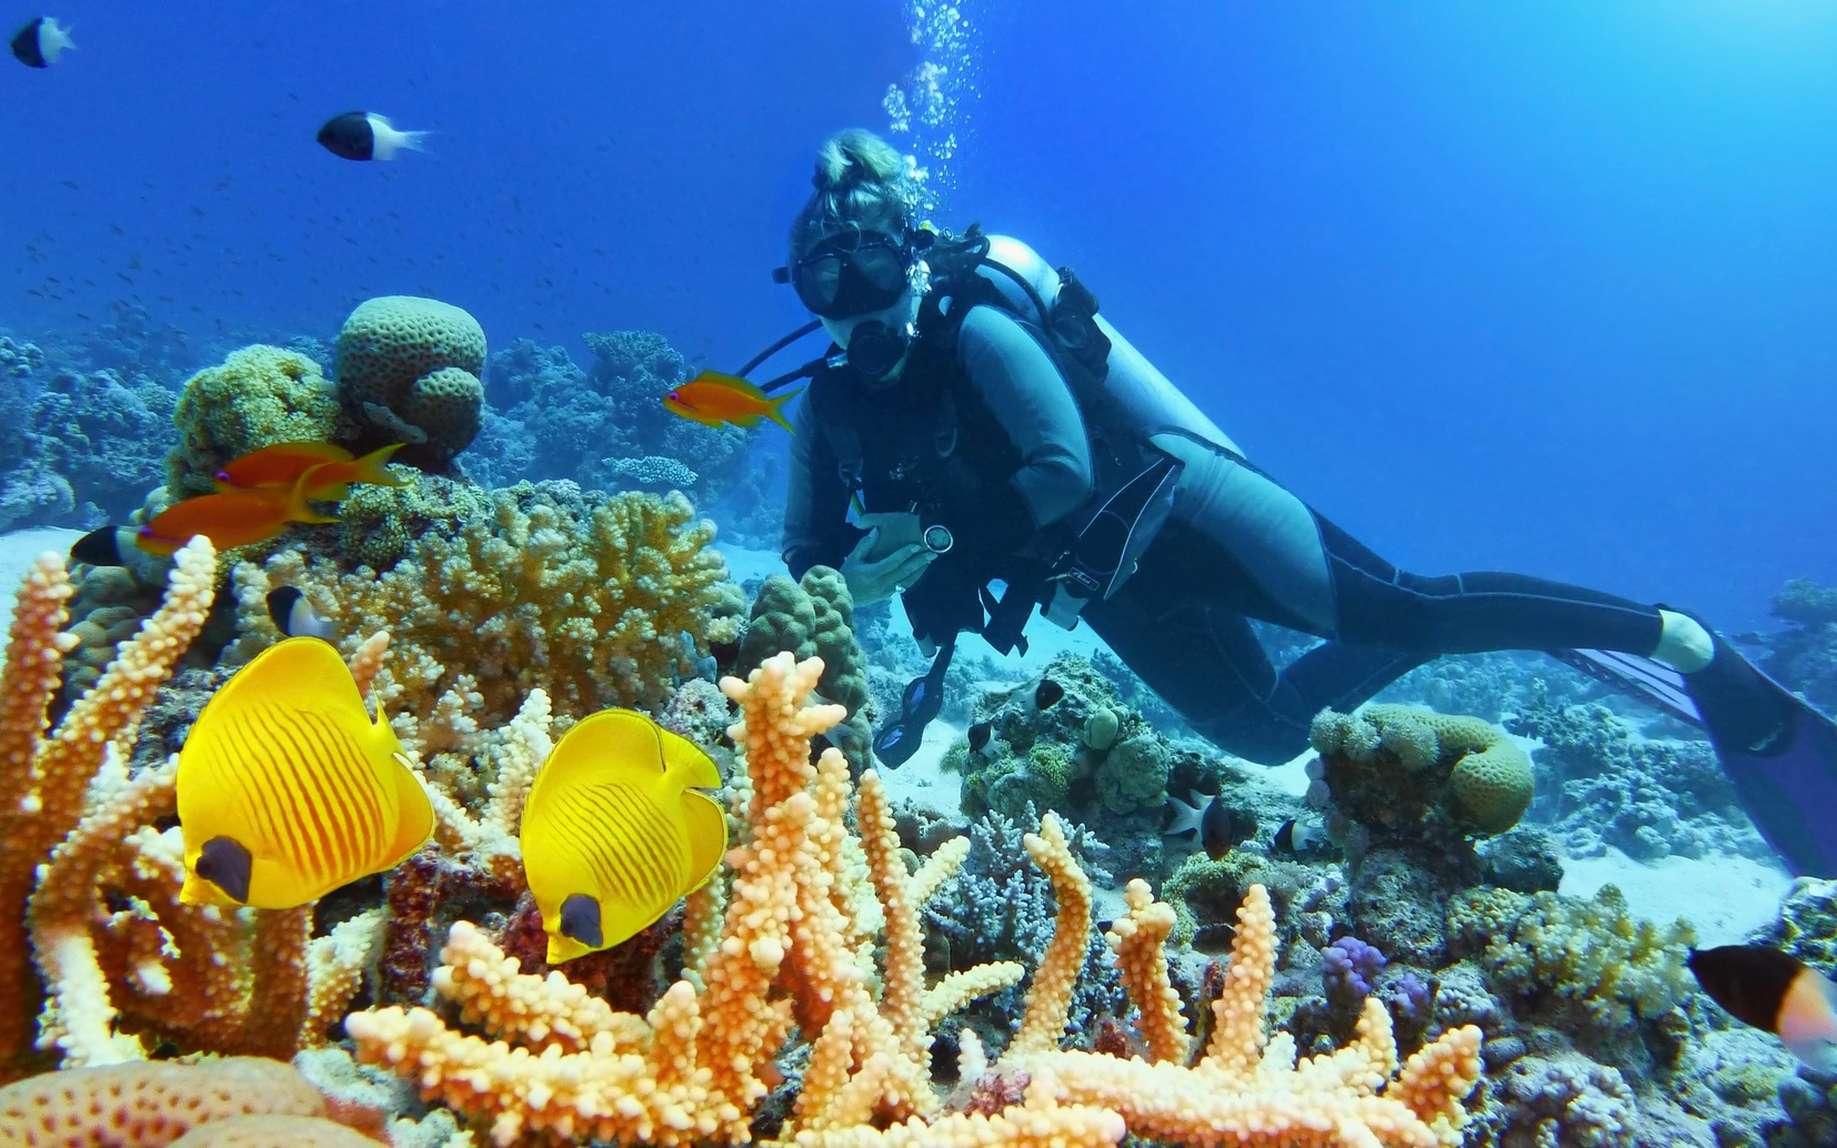 En mer Méditerranée, de nombreuses espèces sont menacées d'extinction et sont donc protégées. © Tunatura, Fotolia